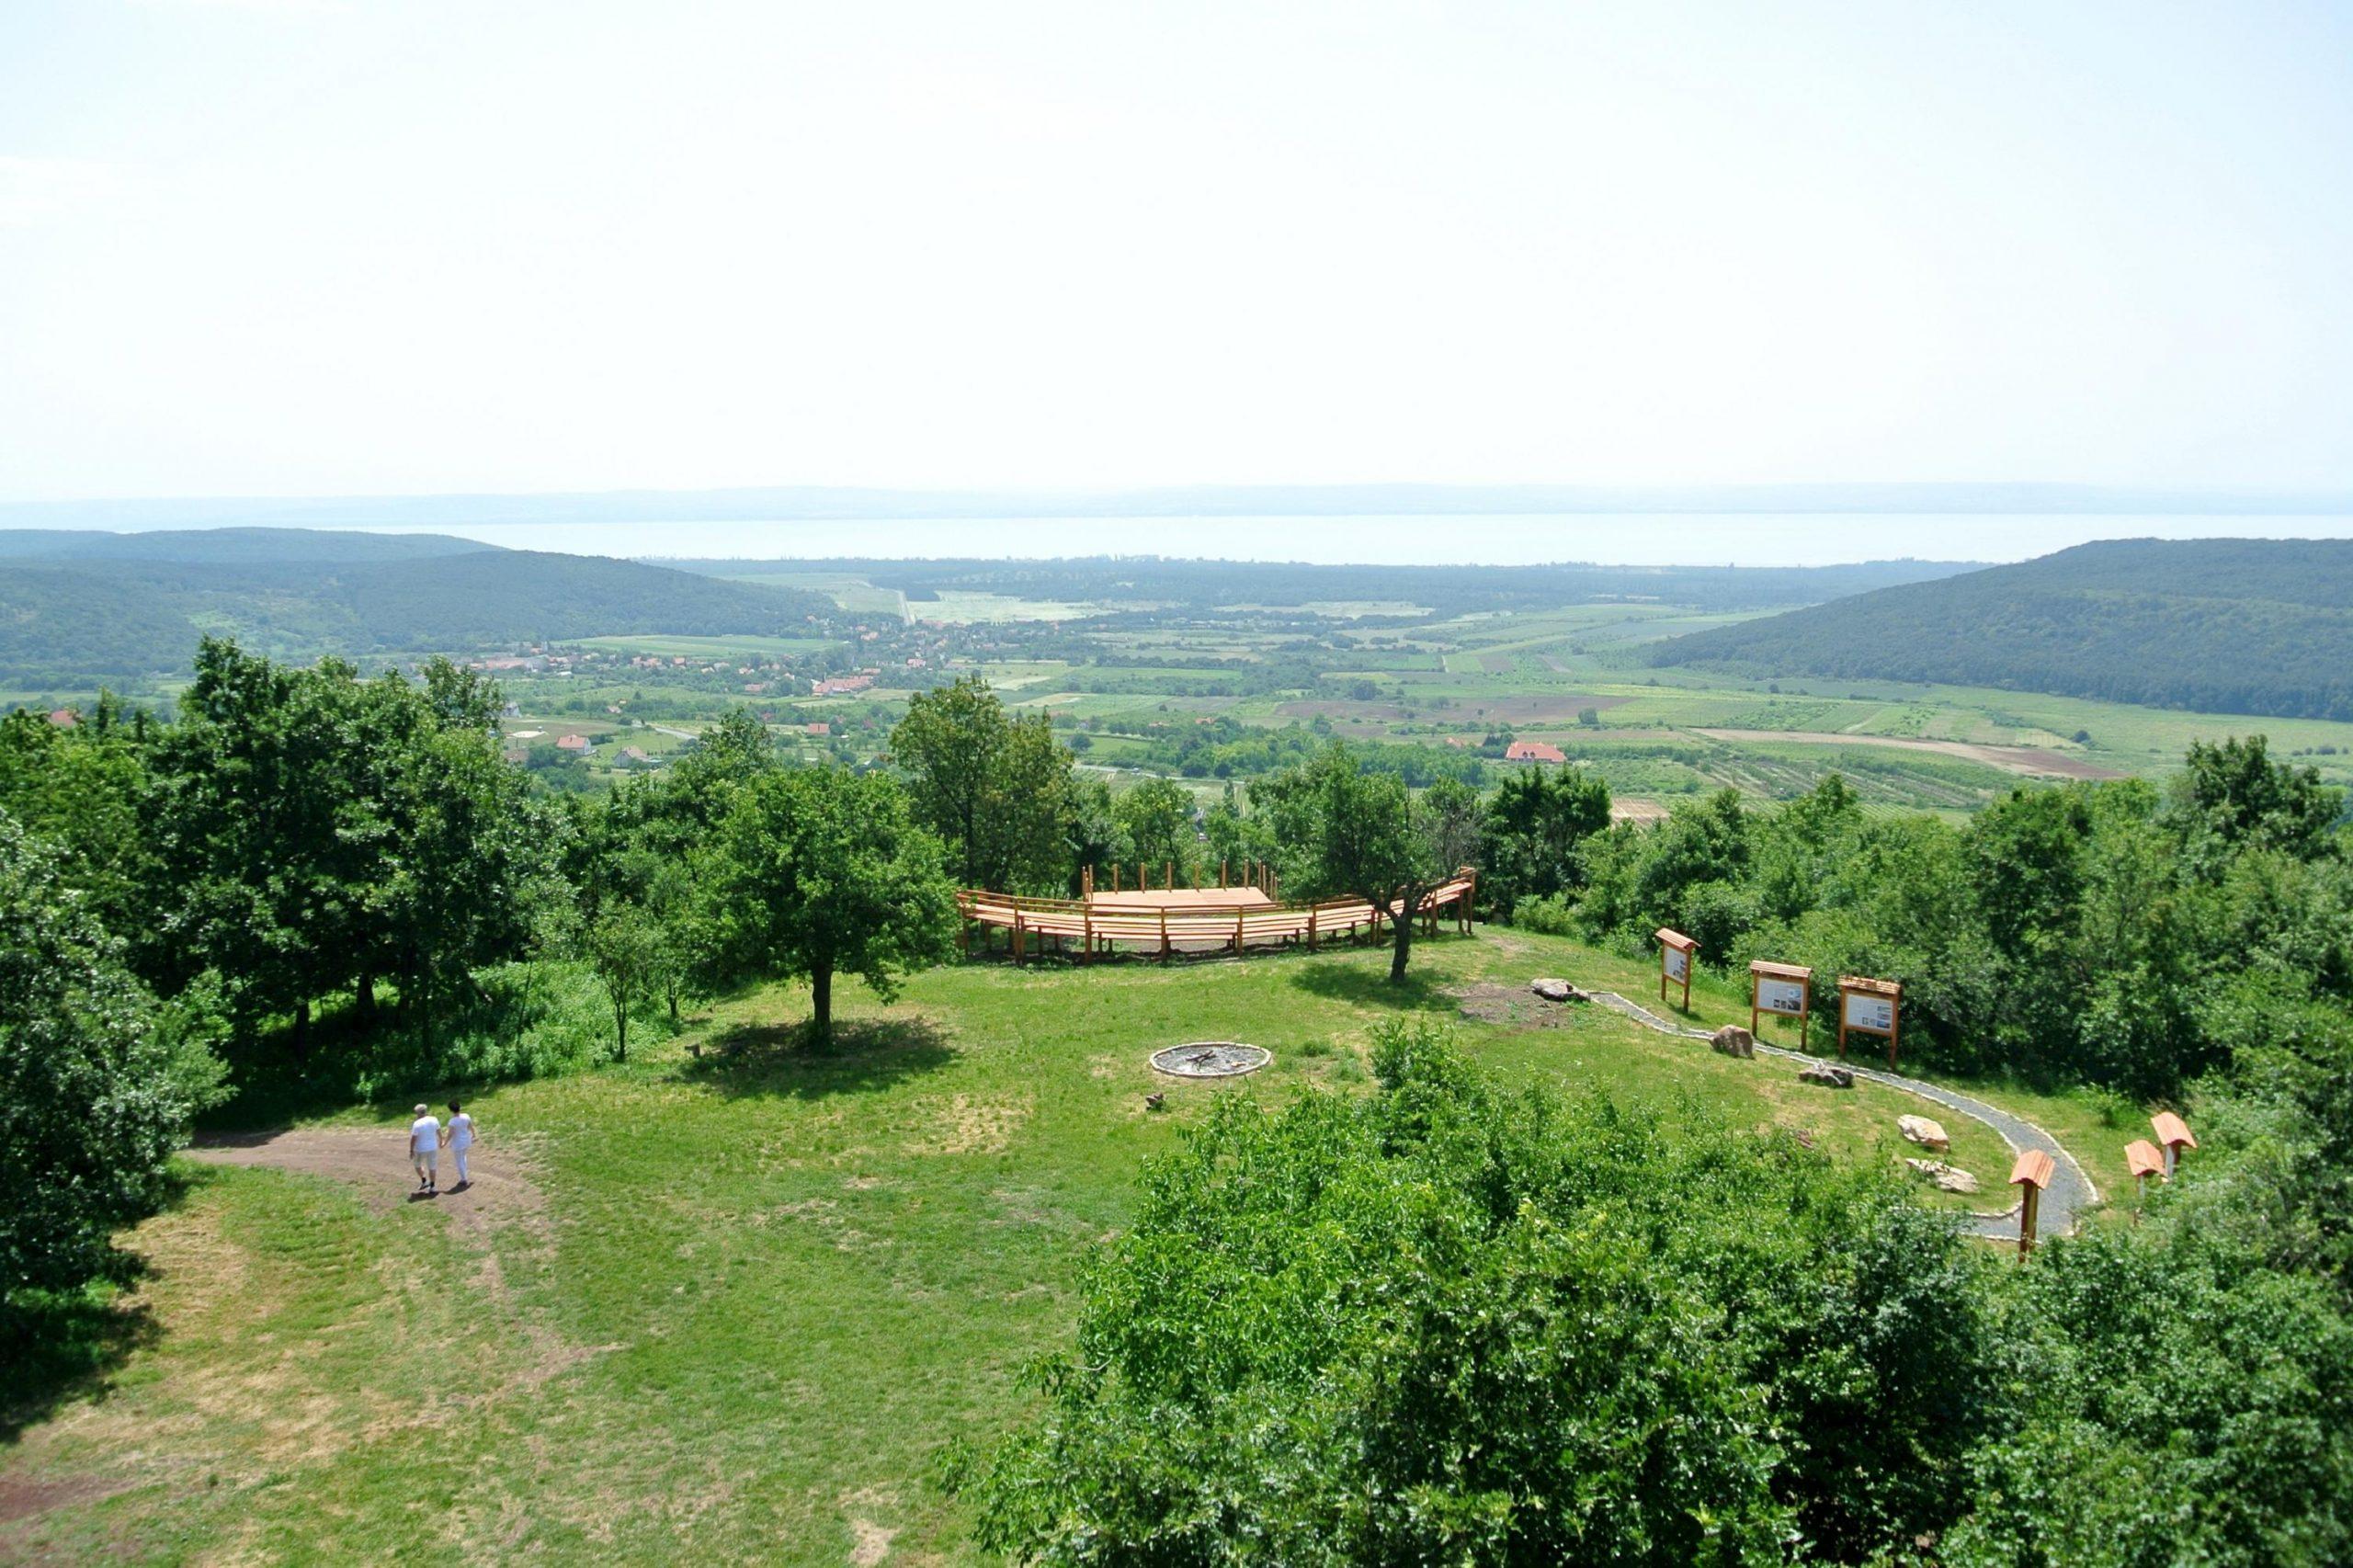 Bakancslistás helyek a Balaton körül – Vulkán tanösvény, Mencshely